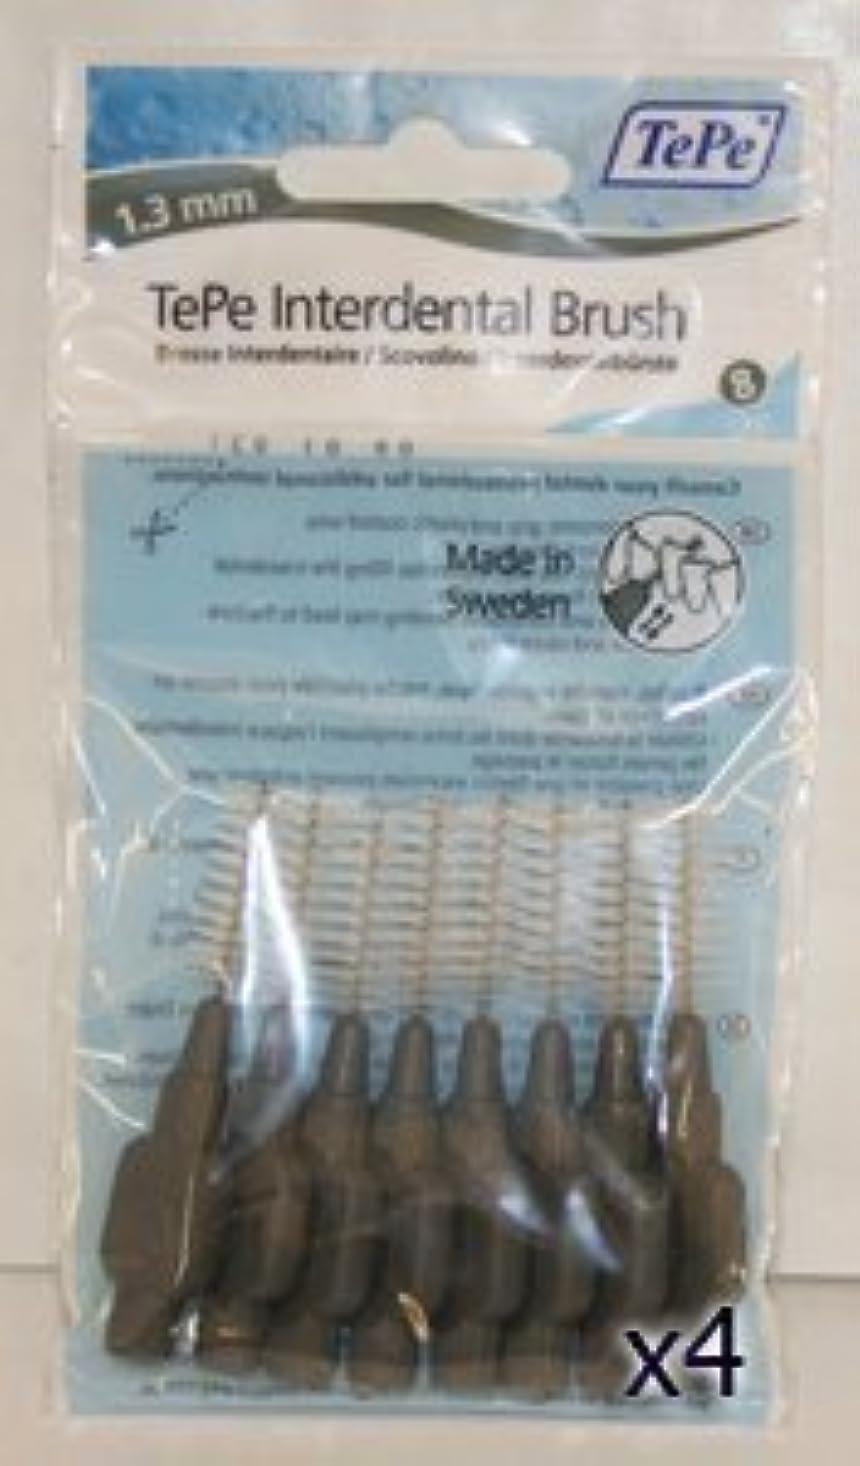 肯定的バングラデシュトラップTePe Interdental Brushes 1.3mm Grey - 4 Packets of 8 (32 Brushes) by TePe